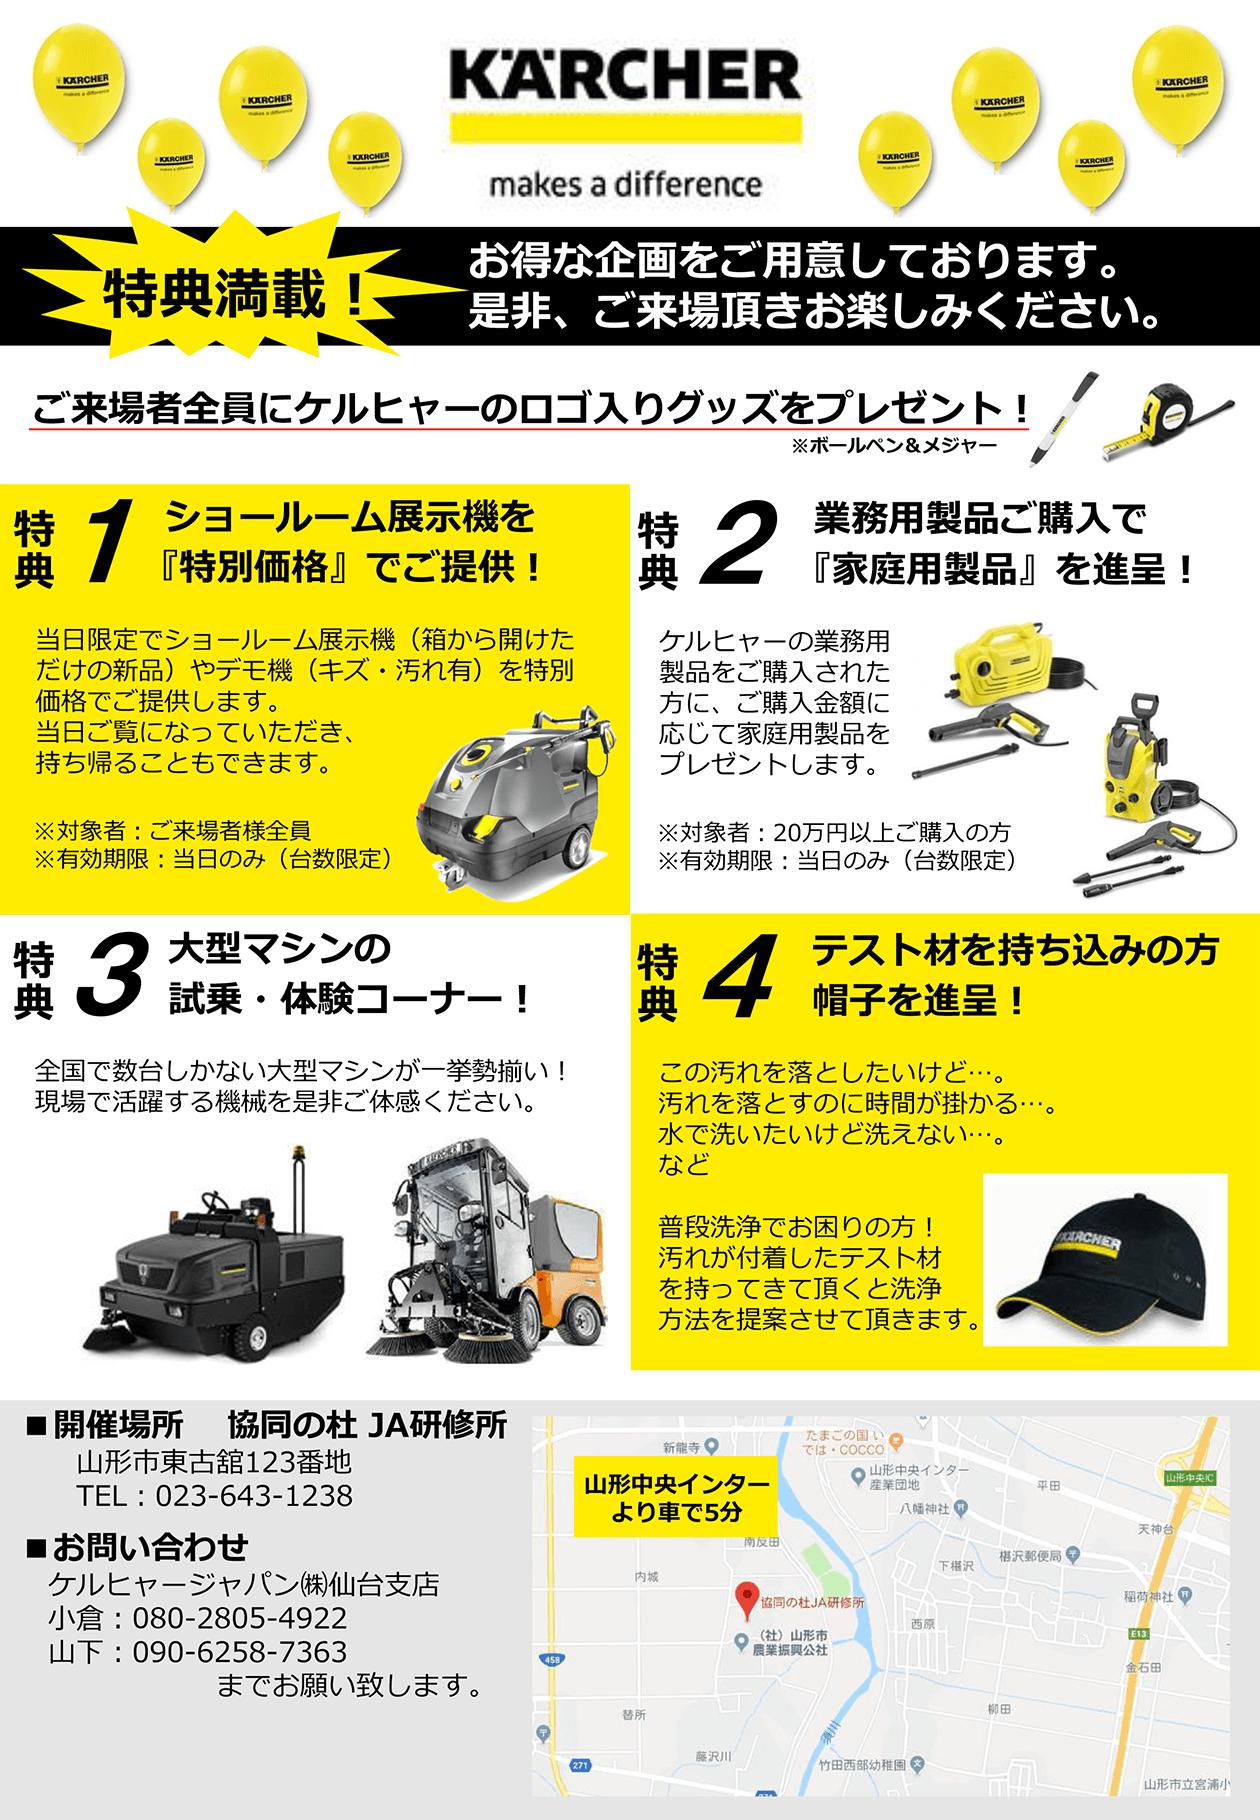 ケルヒャーフェア in 山形 2019